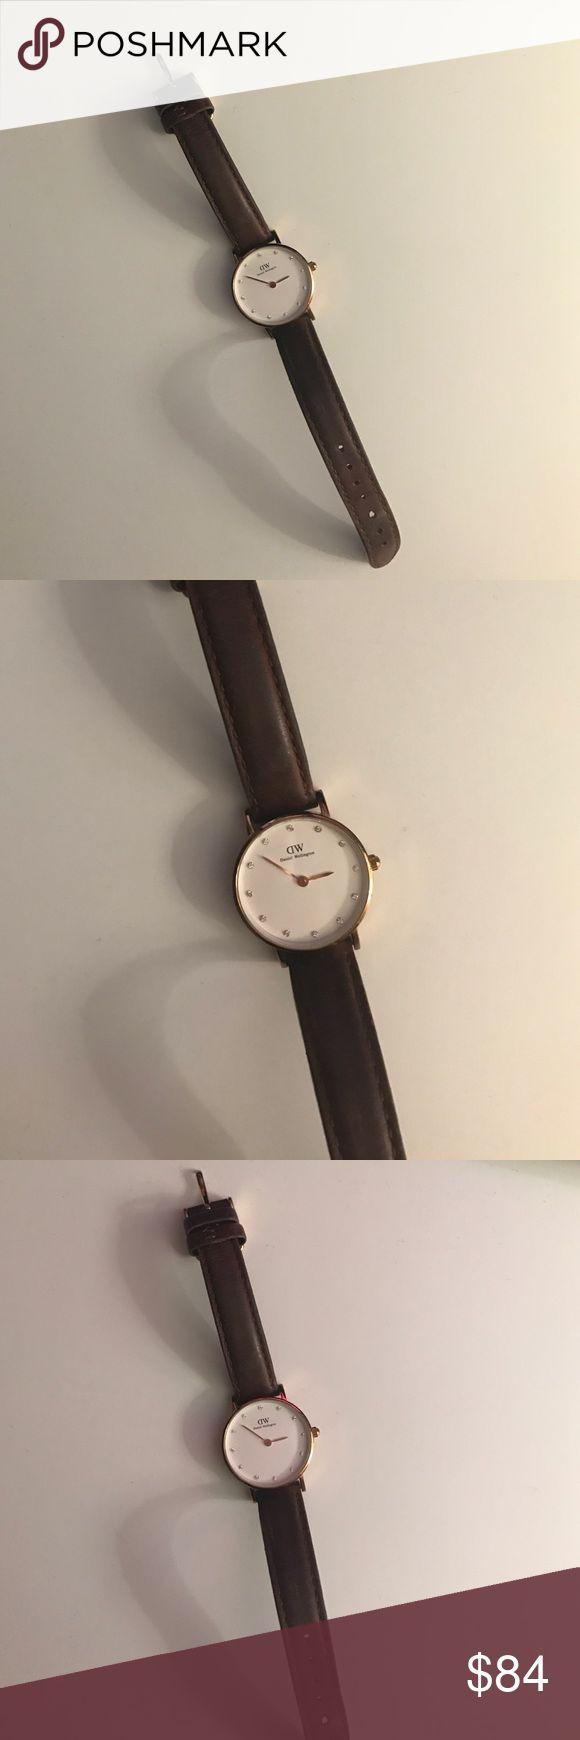 Daniel Wellington brown leather watch Daniel Wellington watch with brown leather straps. great condition. Daniel Wellington Accessories Watches